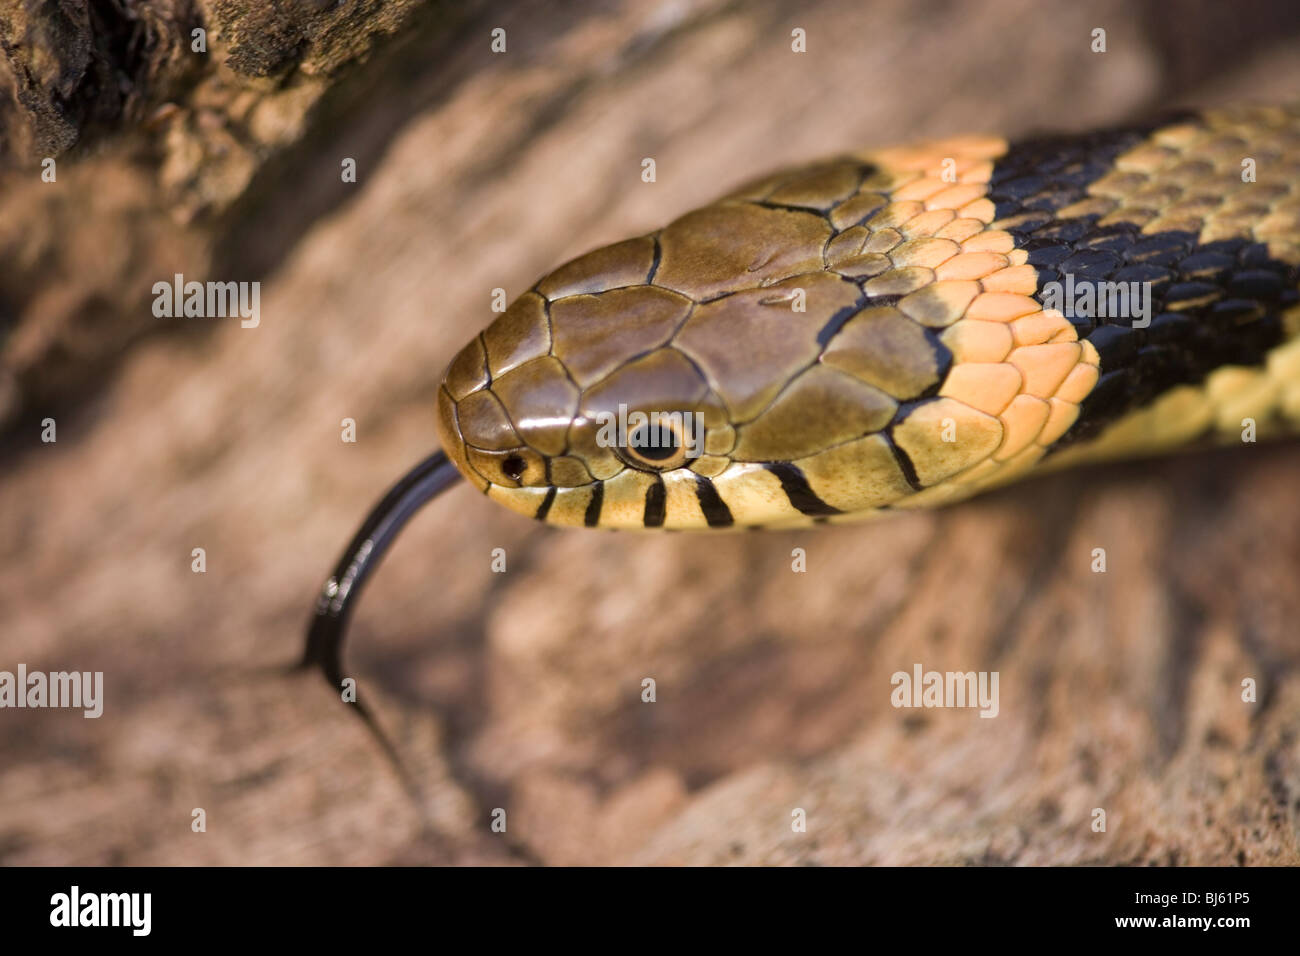 Couleuvre A Collier Natrix Fonction D Identification De La Tete